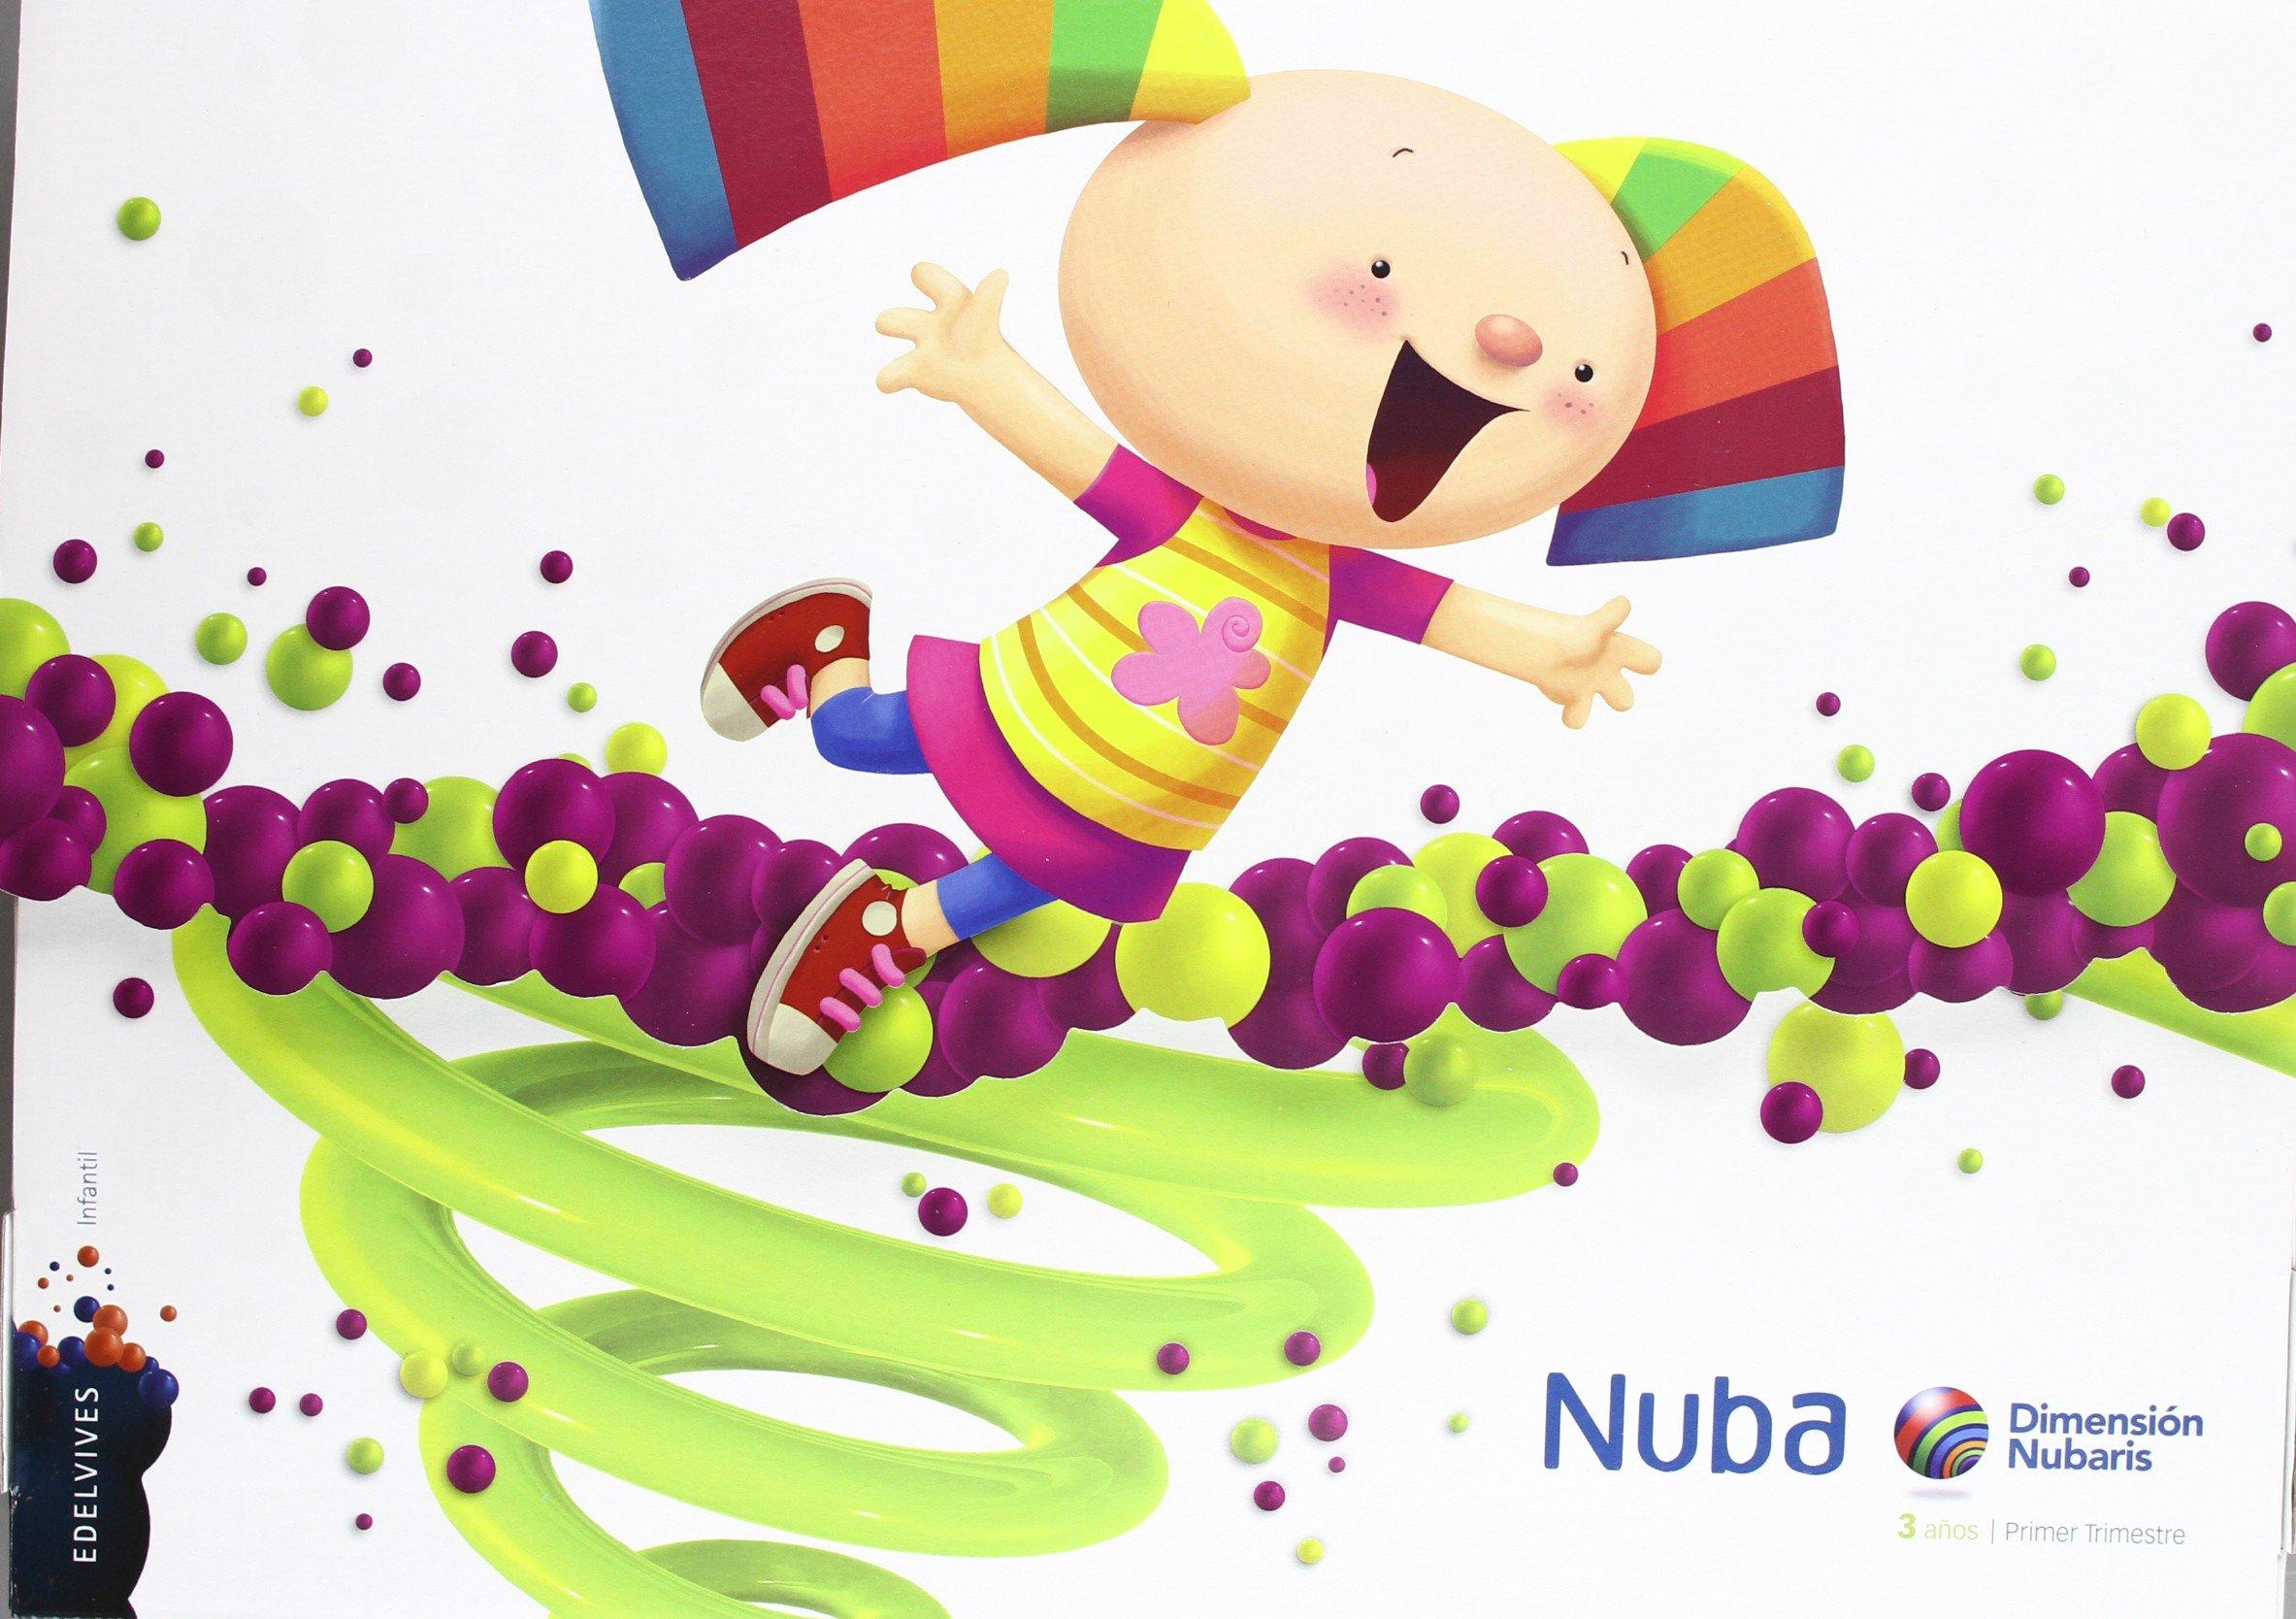 Infantil 3 años Nuba Primer Trimestre Dimensión Nubaris ...